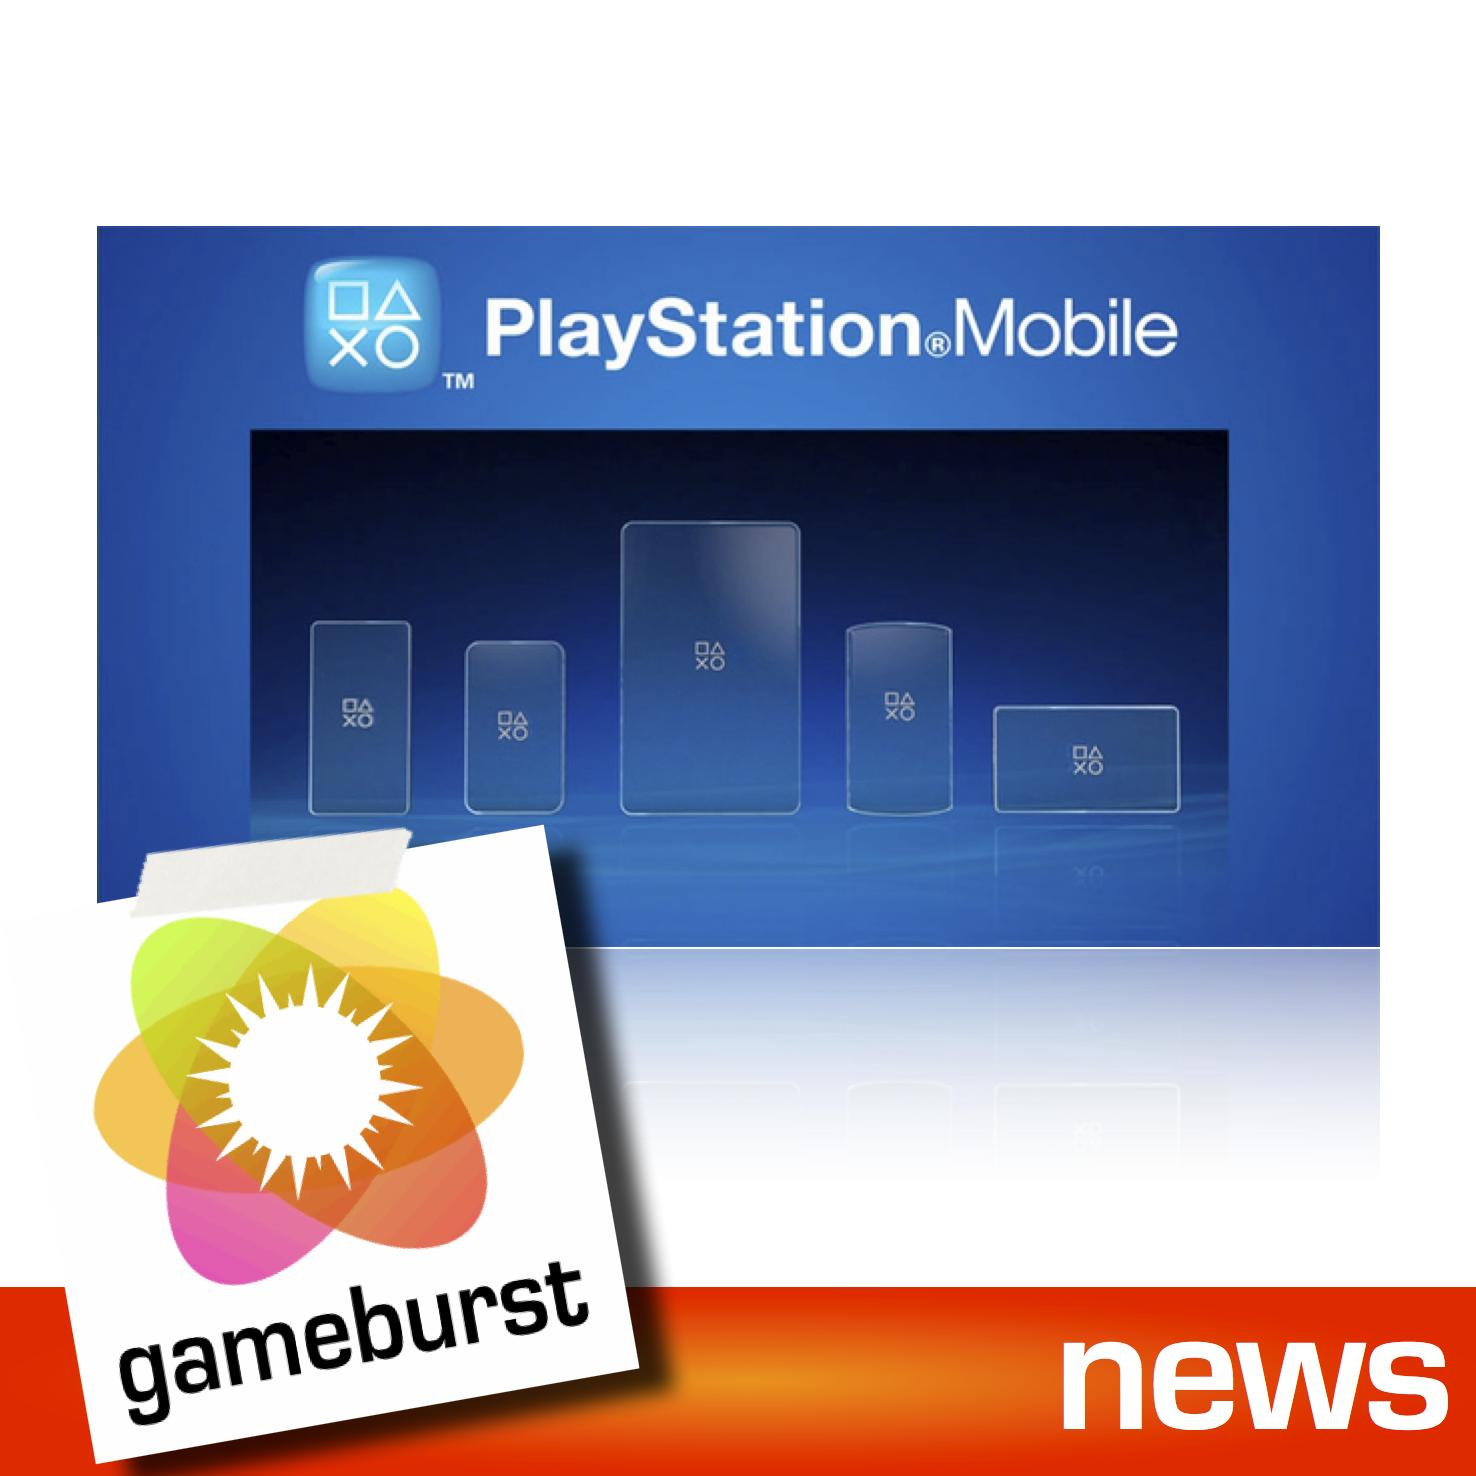 GameBurst News - October 7th 2012